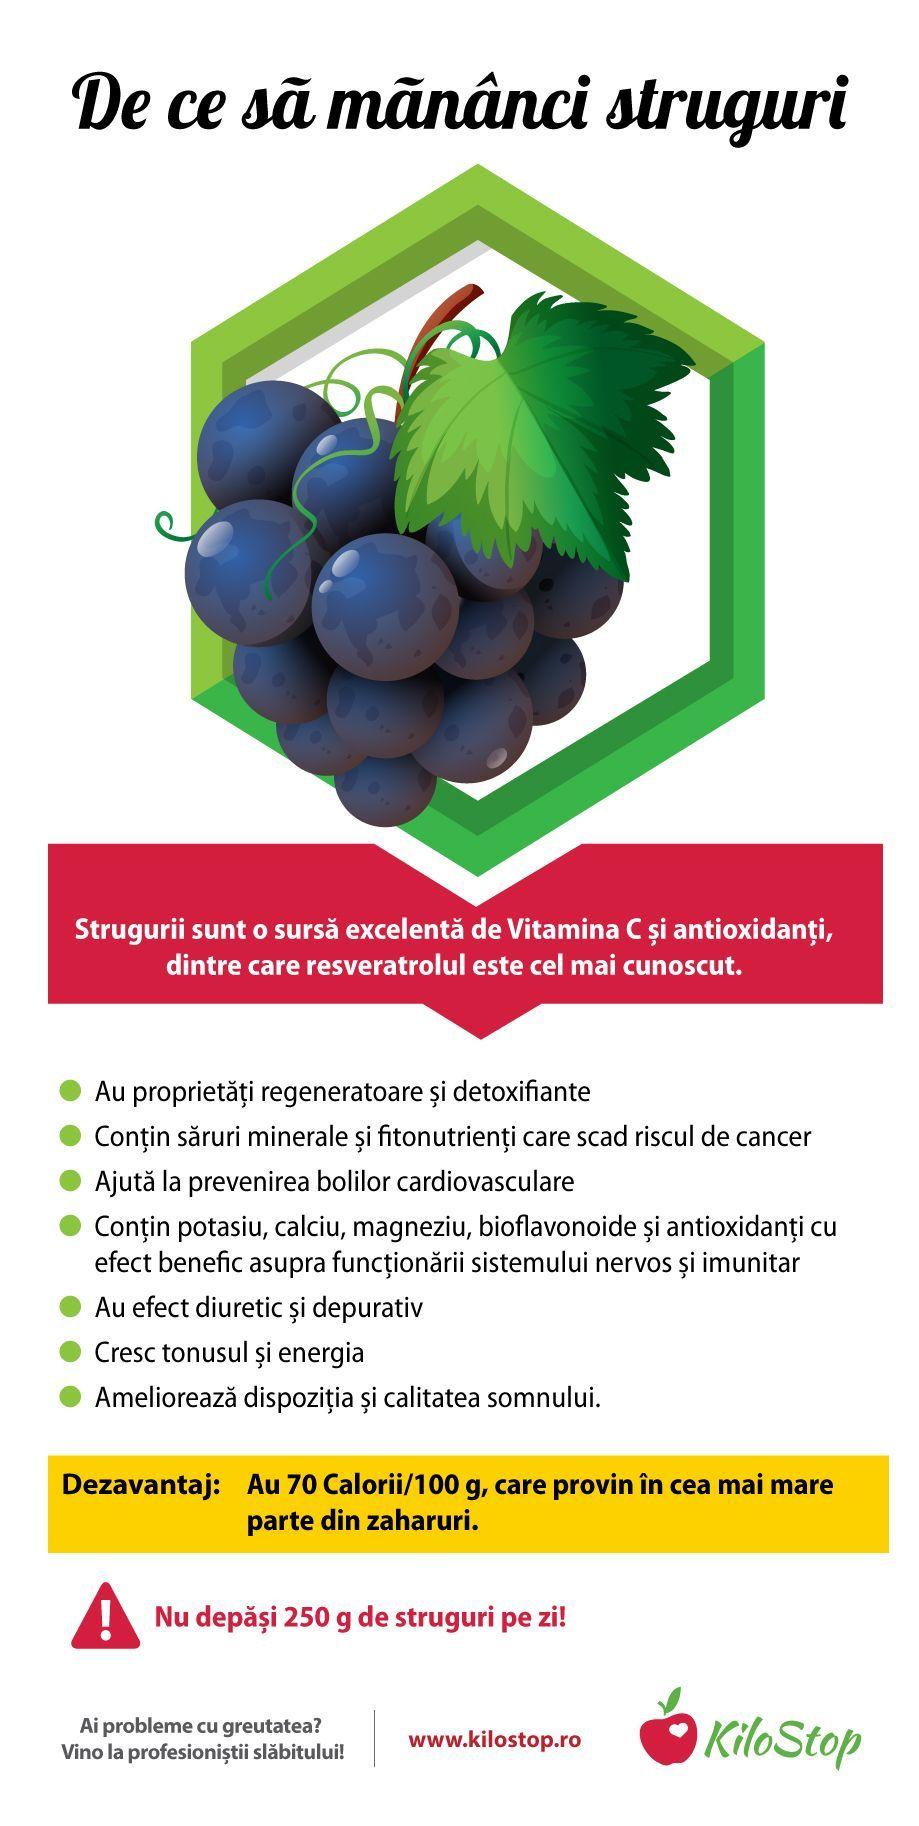 tratamentul cu struguri varicoză